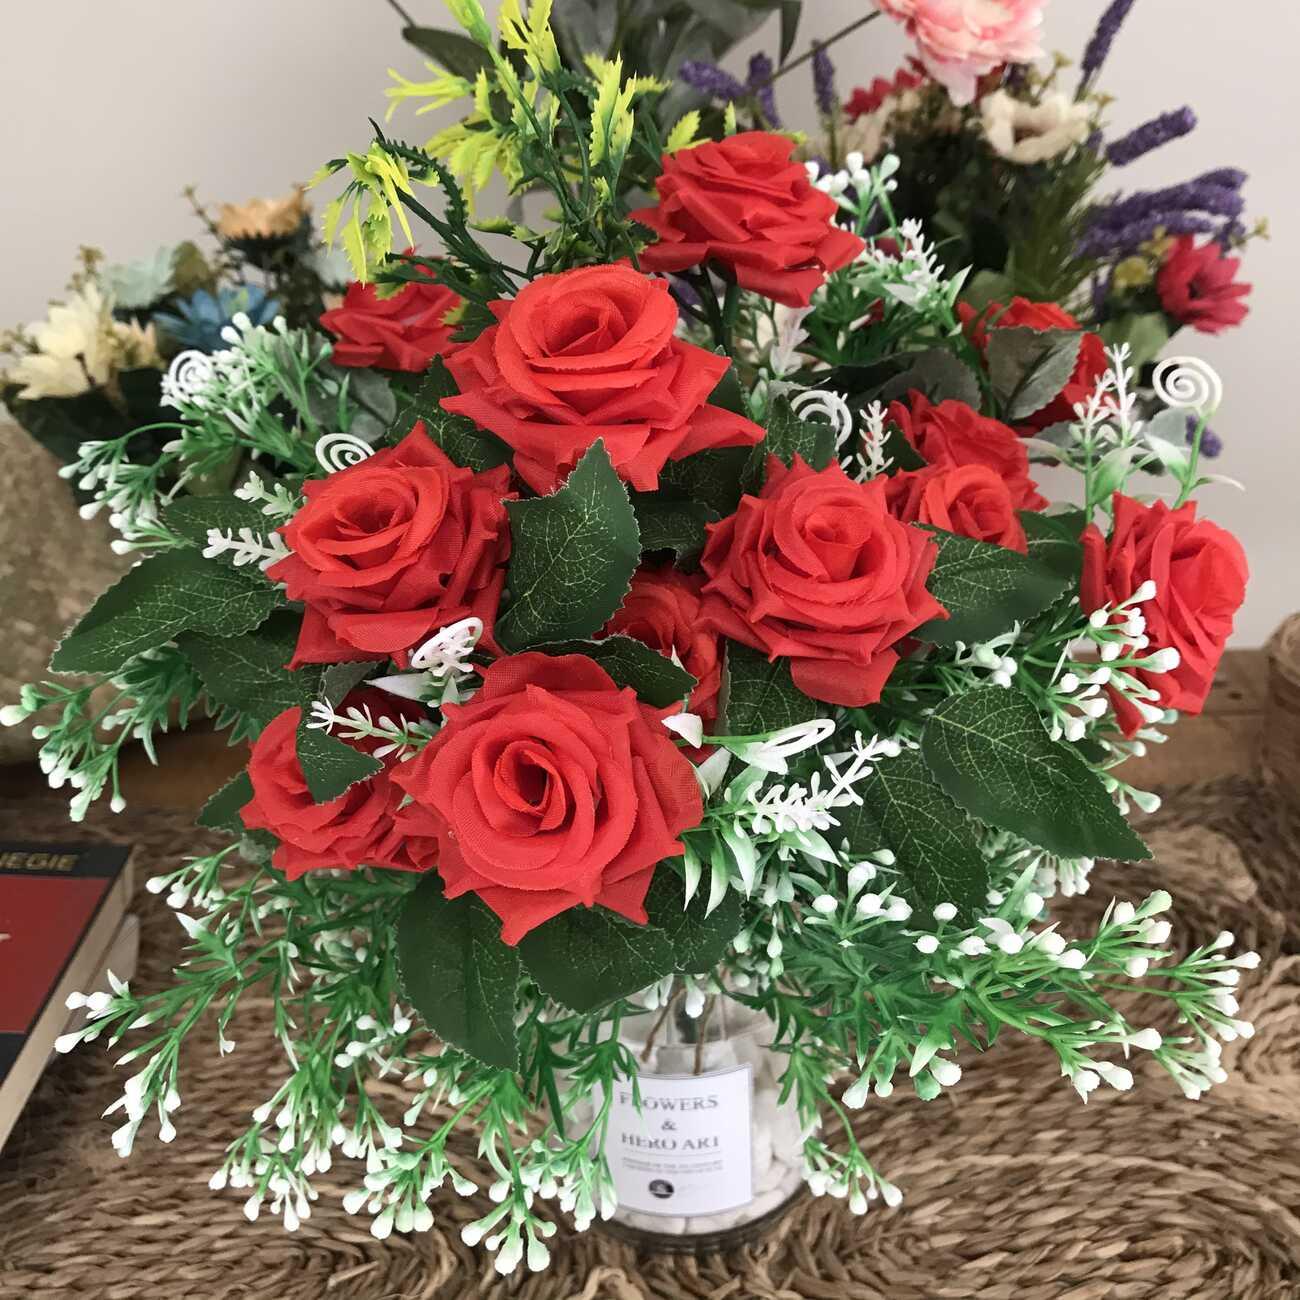 Binh Hoa Giả - Hoa Hồng Quế, Hoa Giả Vintage - Hoa Đẹp Để Bàn